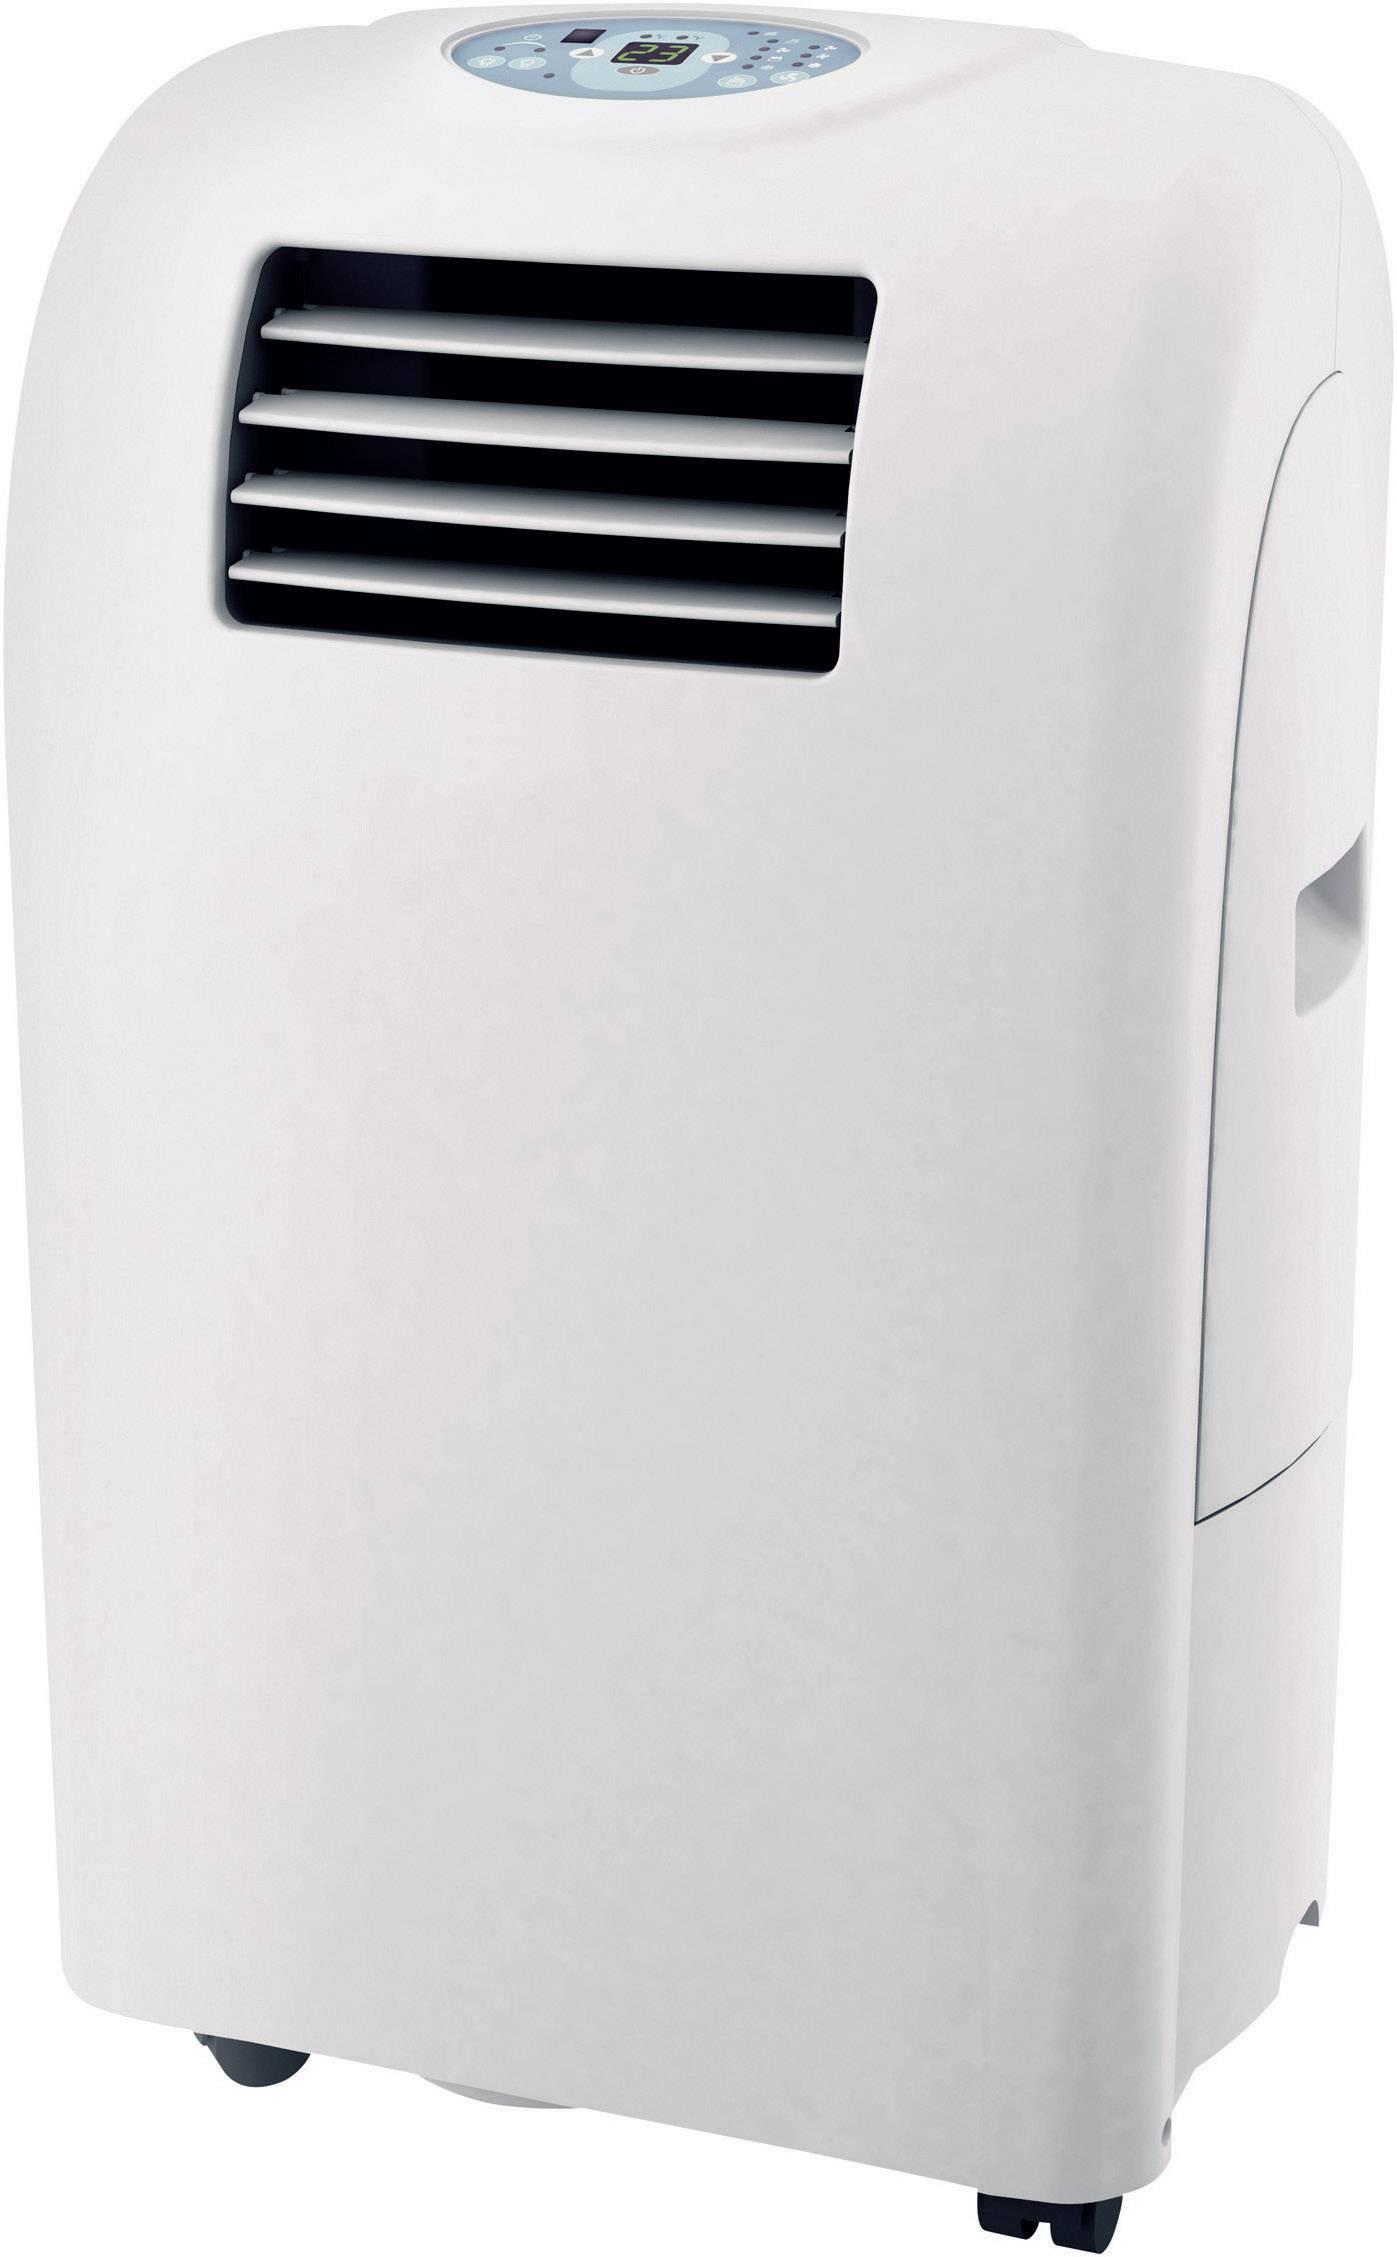 Monoblokové klimatizačné jednotky